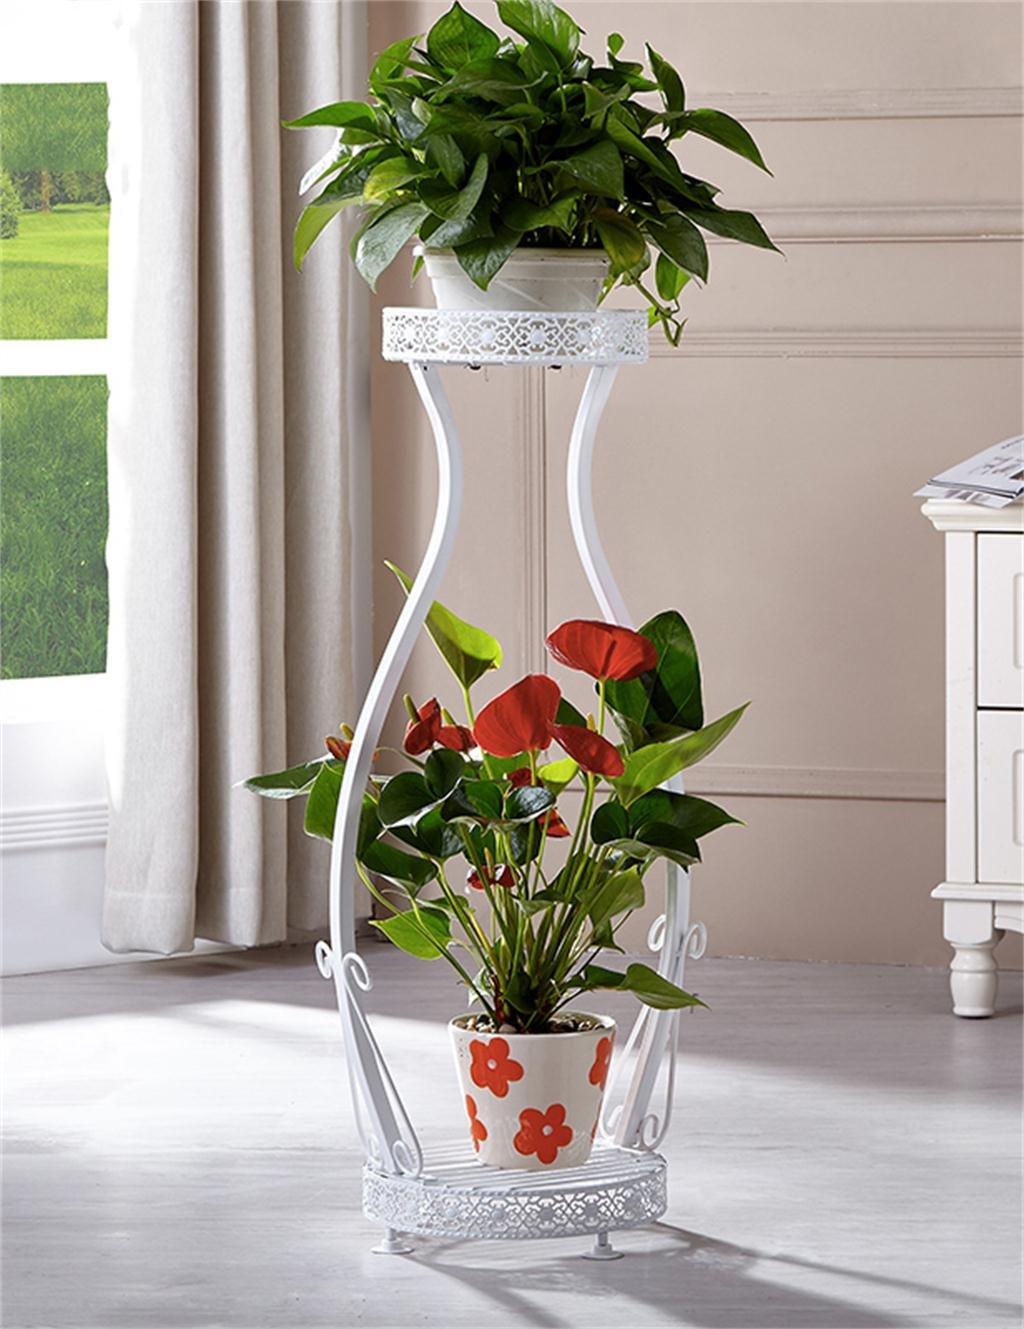 LHP Europäische 2-Tier Schmiedeeisen Boden Flower Pot Regal, Pflanzen stehen, Blumenregal für Balkon, Indoor, Wohnzimmer Leiter High-End ( farbe : Weiß , größe : L )